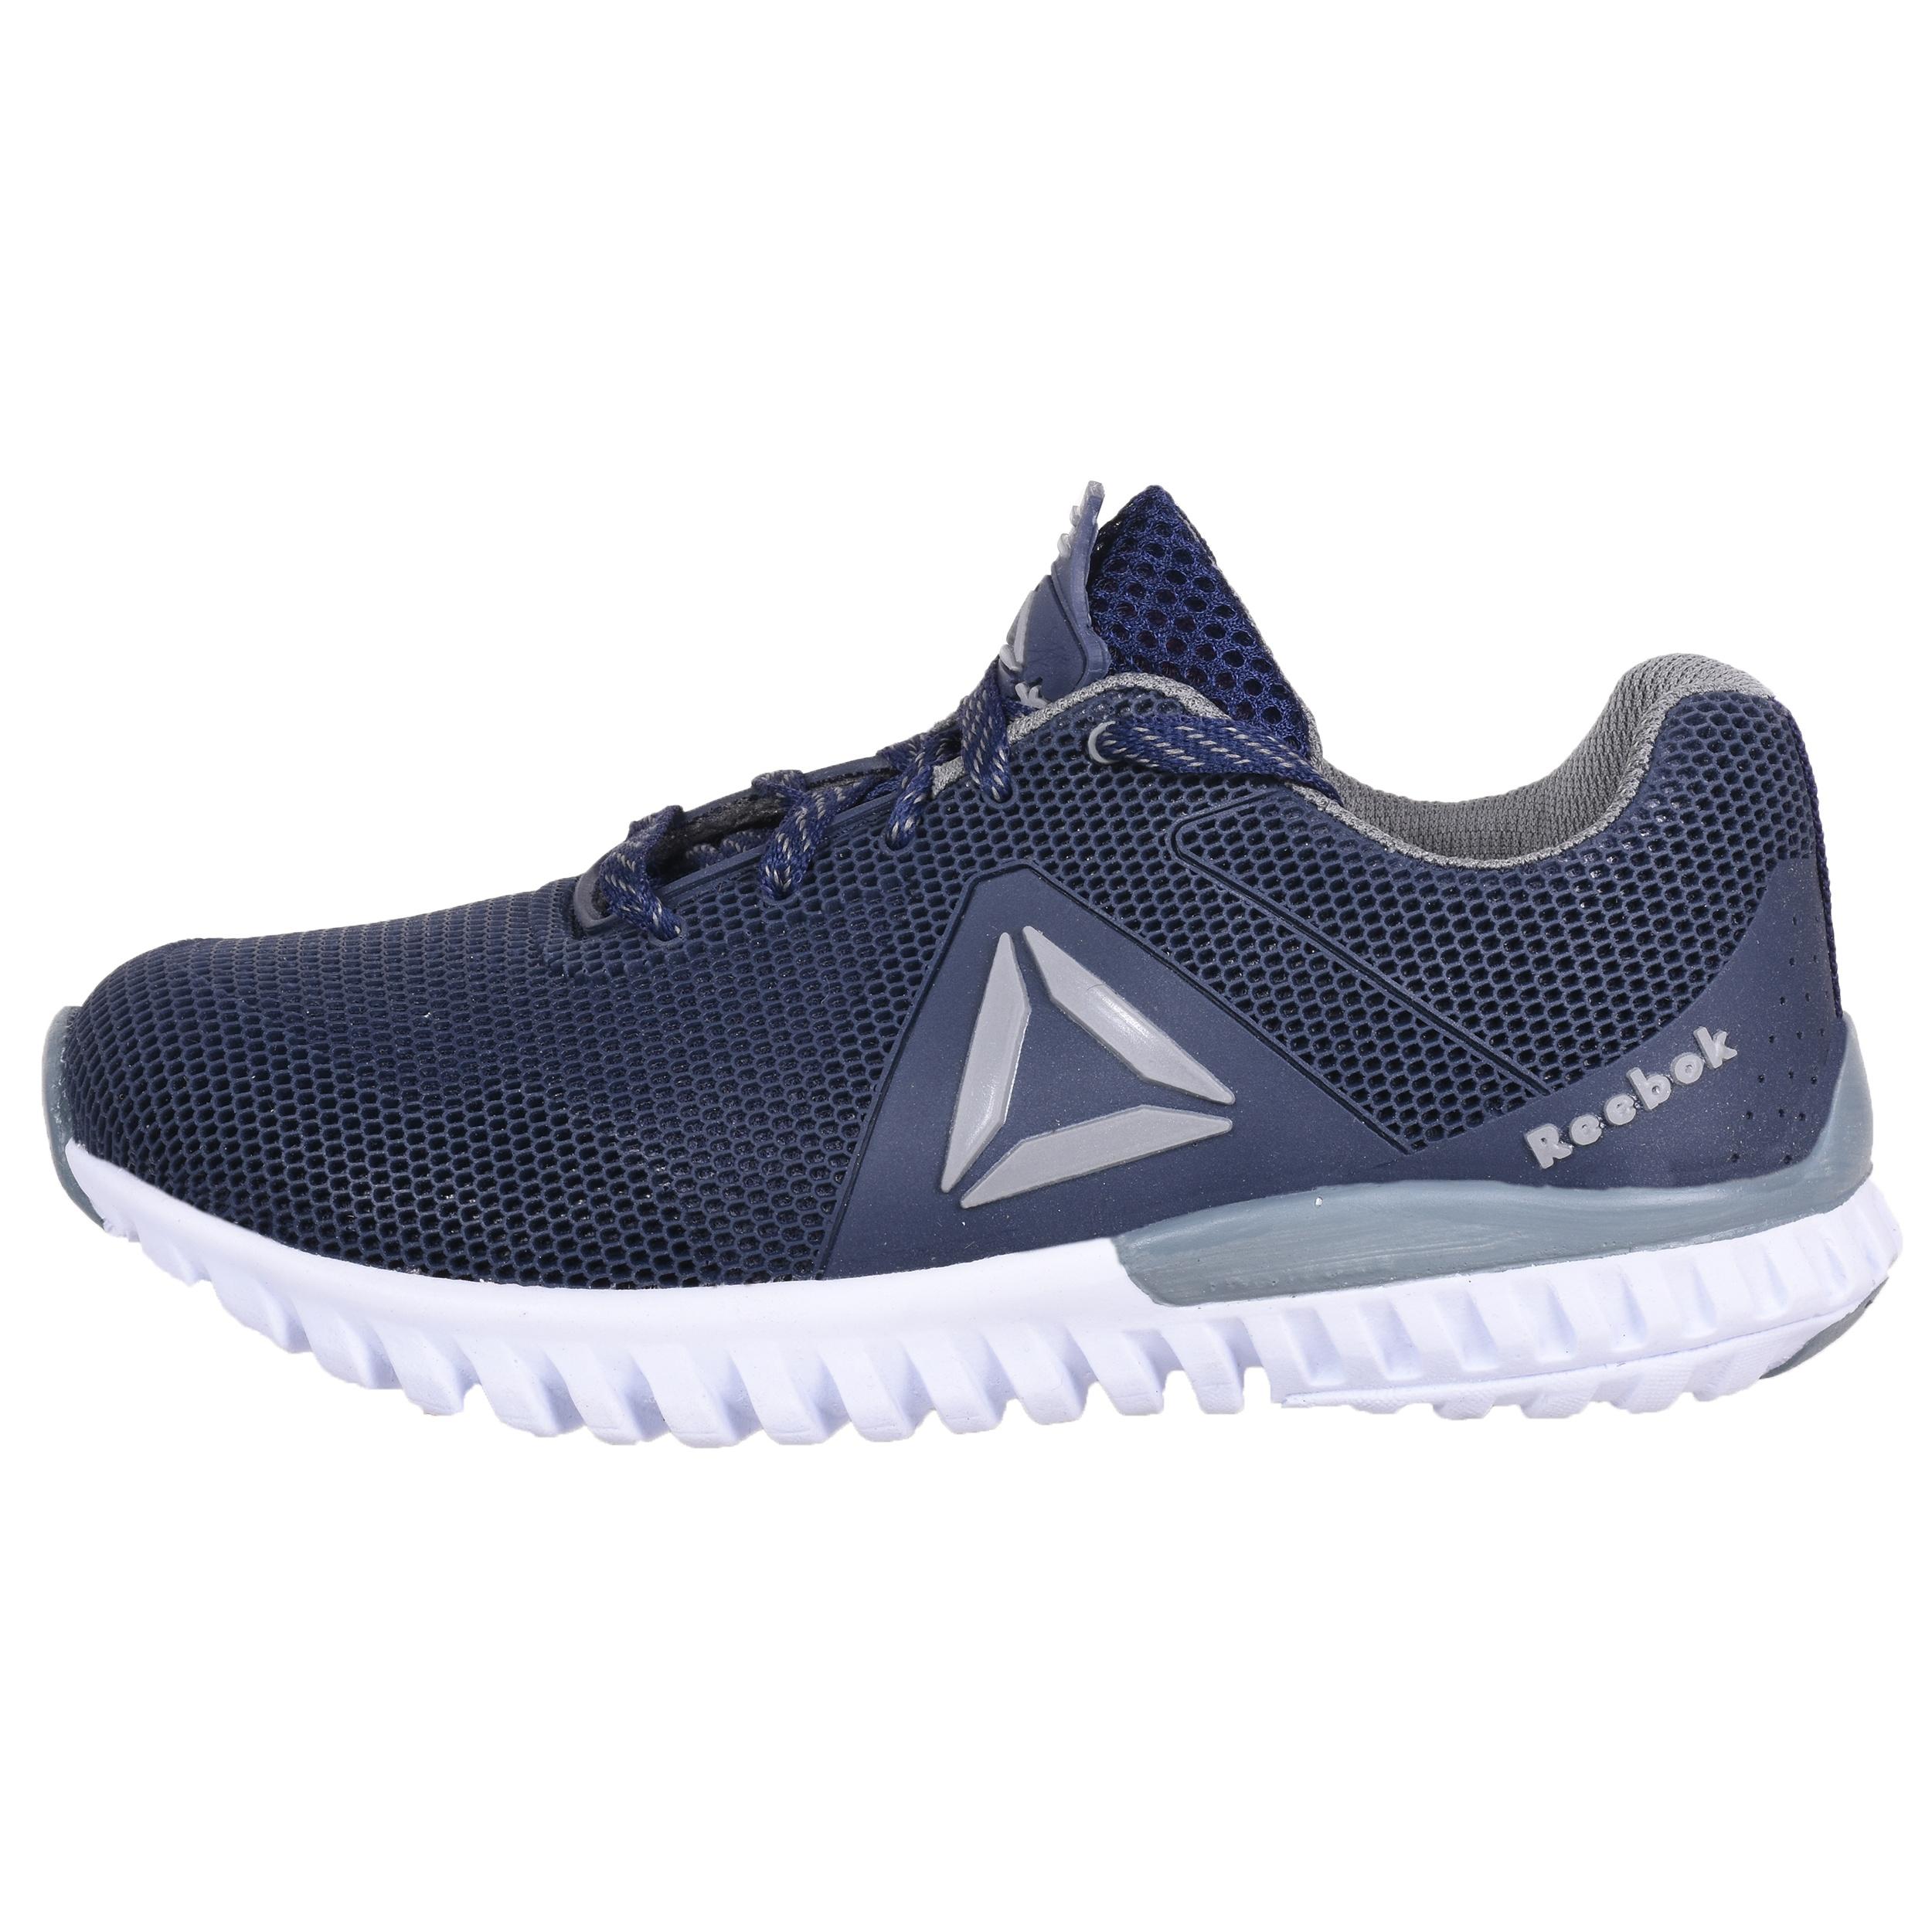 کفش مخصوص پیاده روی زنانه کد 13-2396150